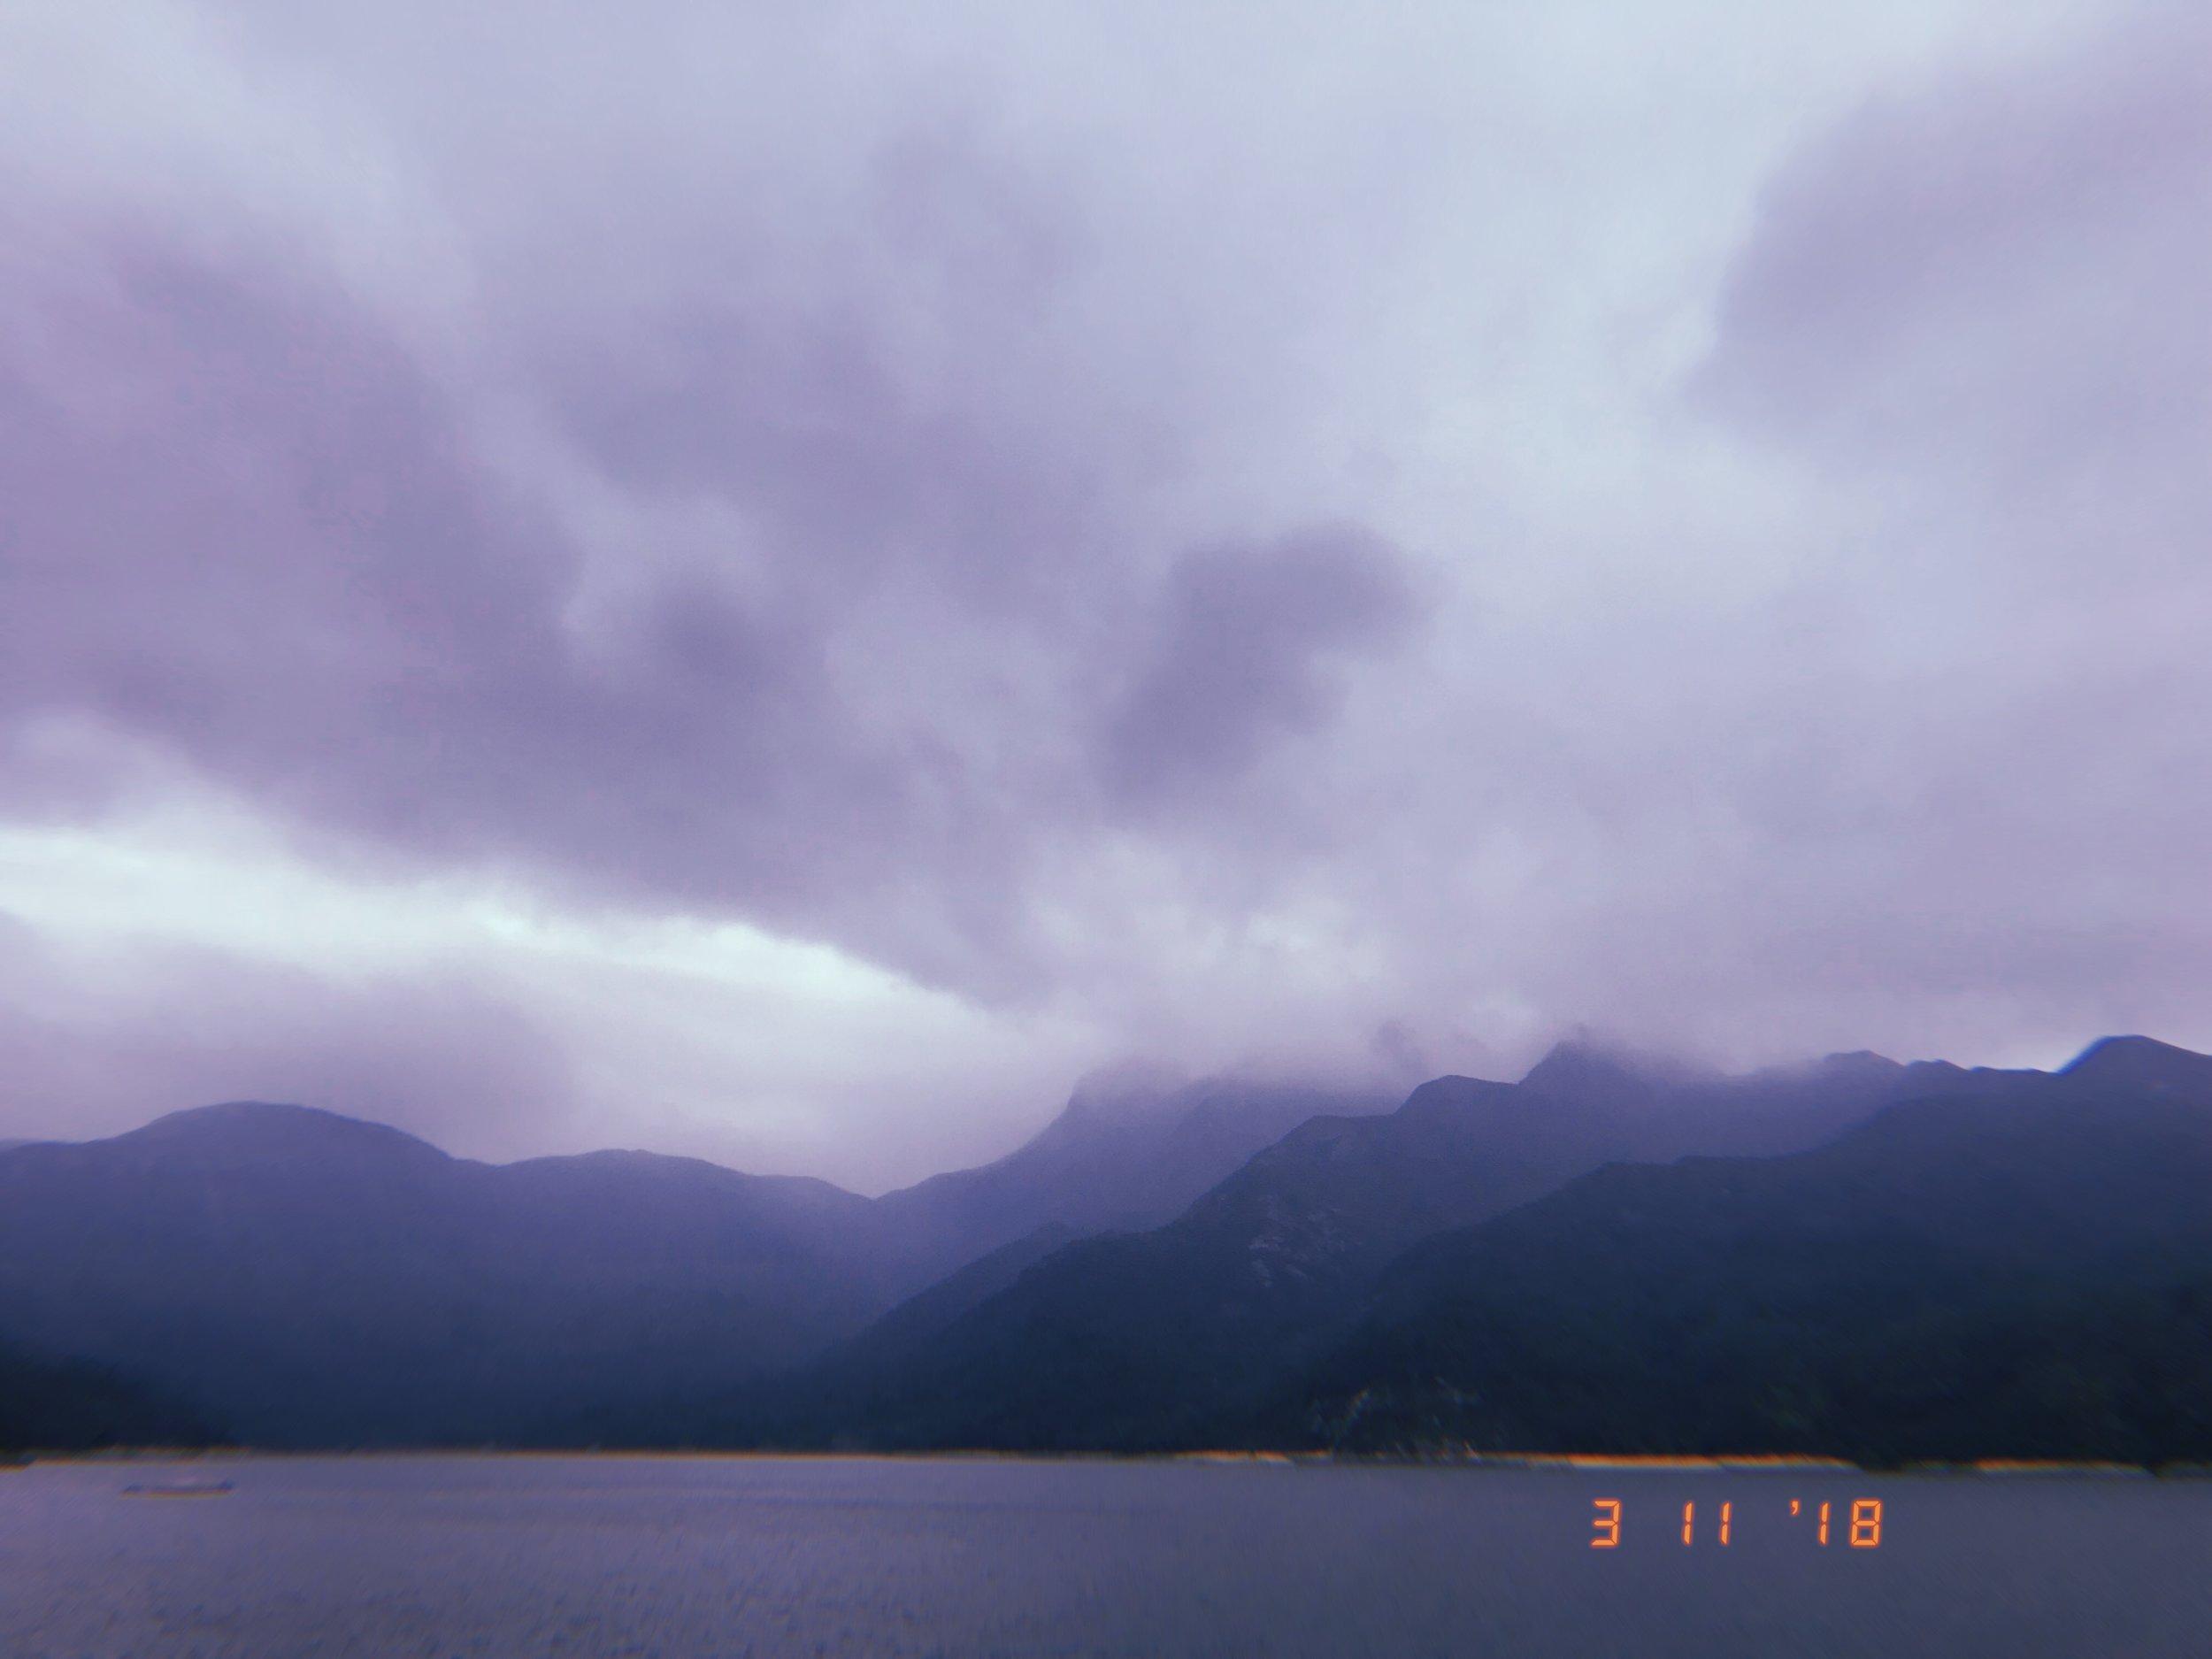 2018-11-03 13:53:20.445.JPG